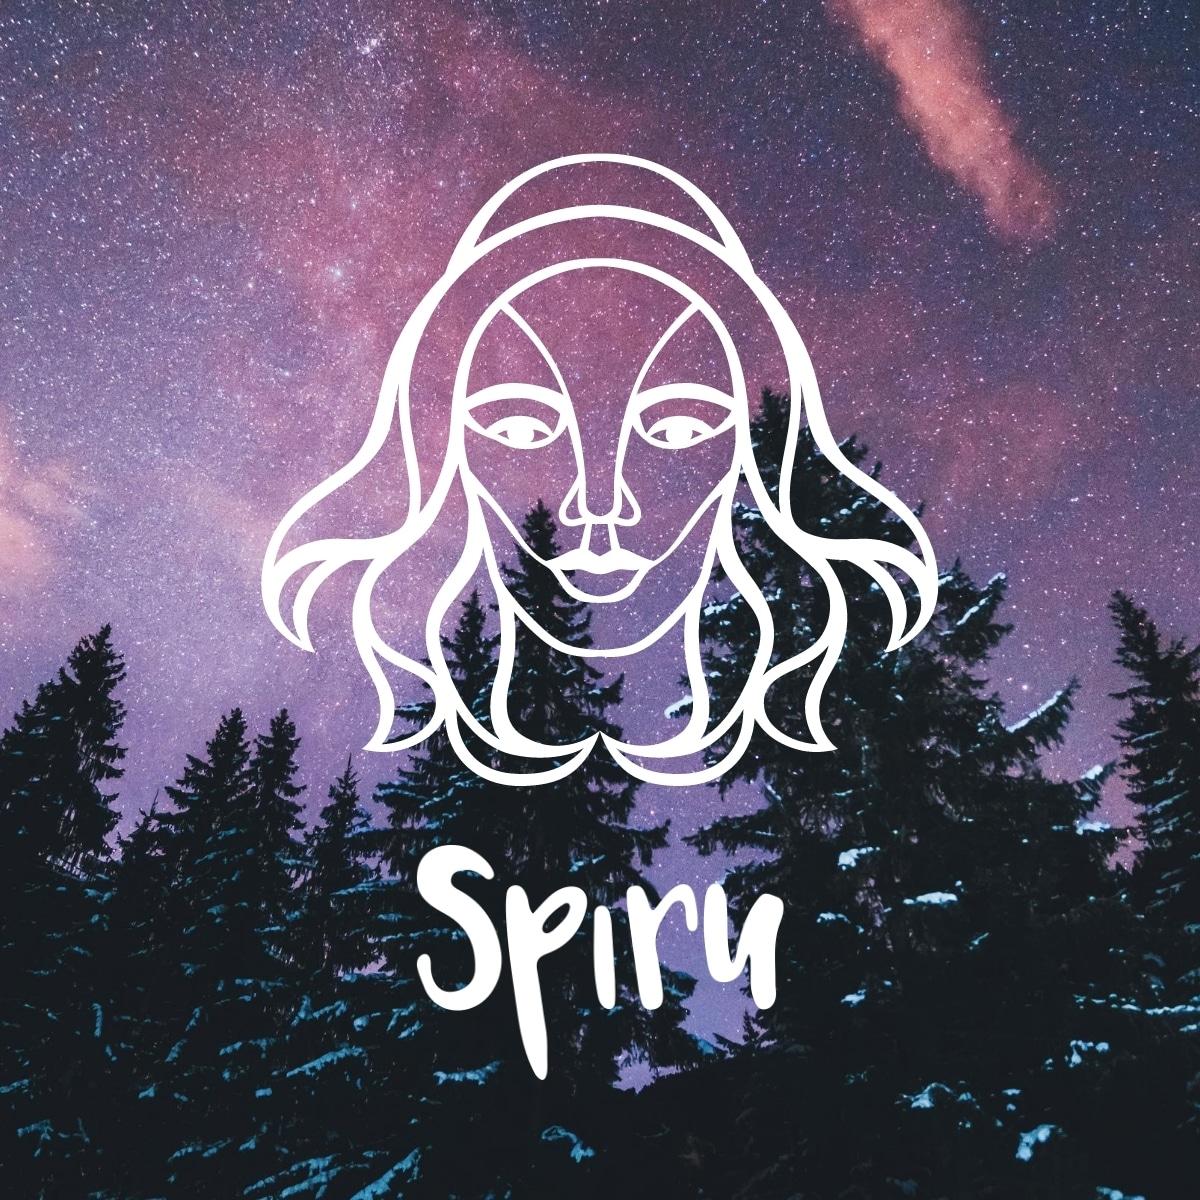 Sternzeichen Jungfrau Illustration Sternenhimmel mit Bäumen Spiru